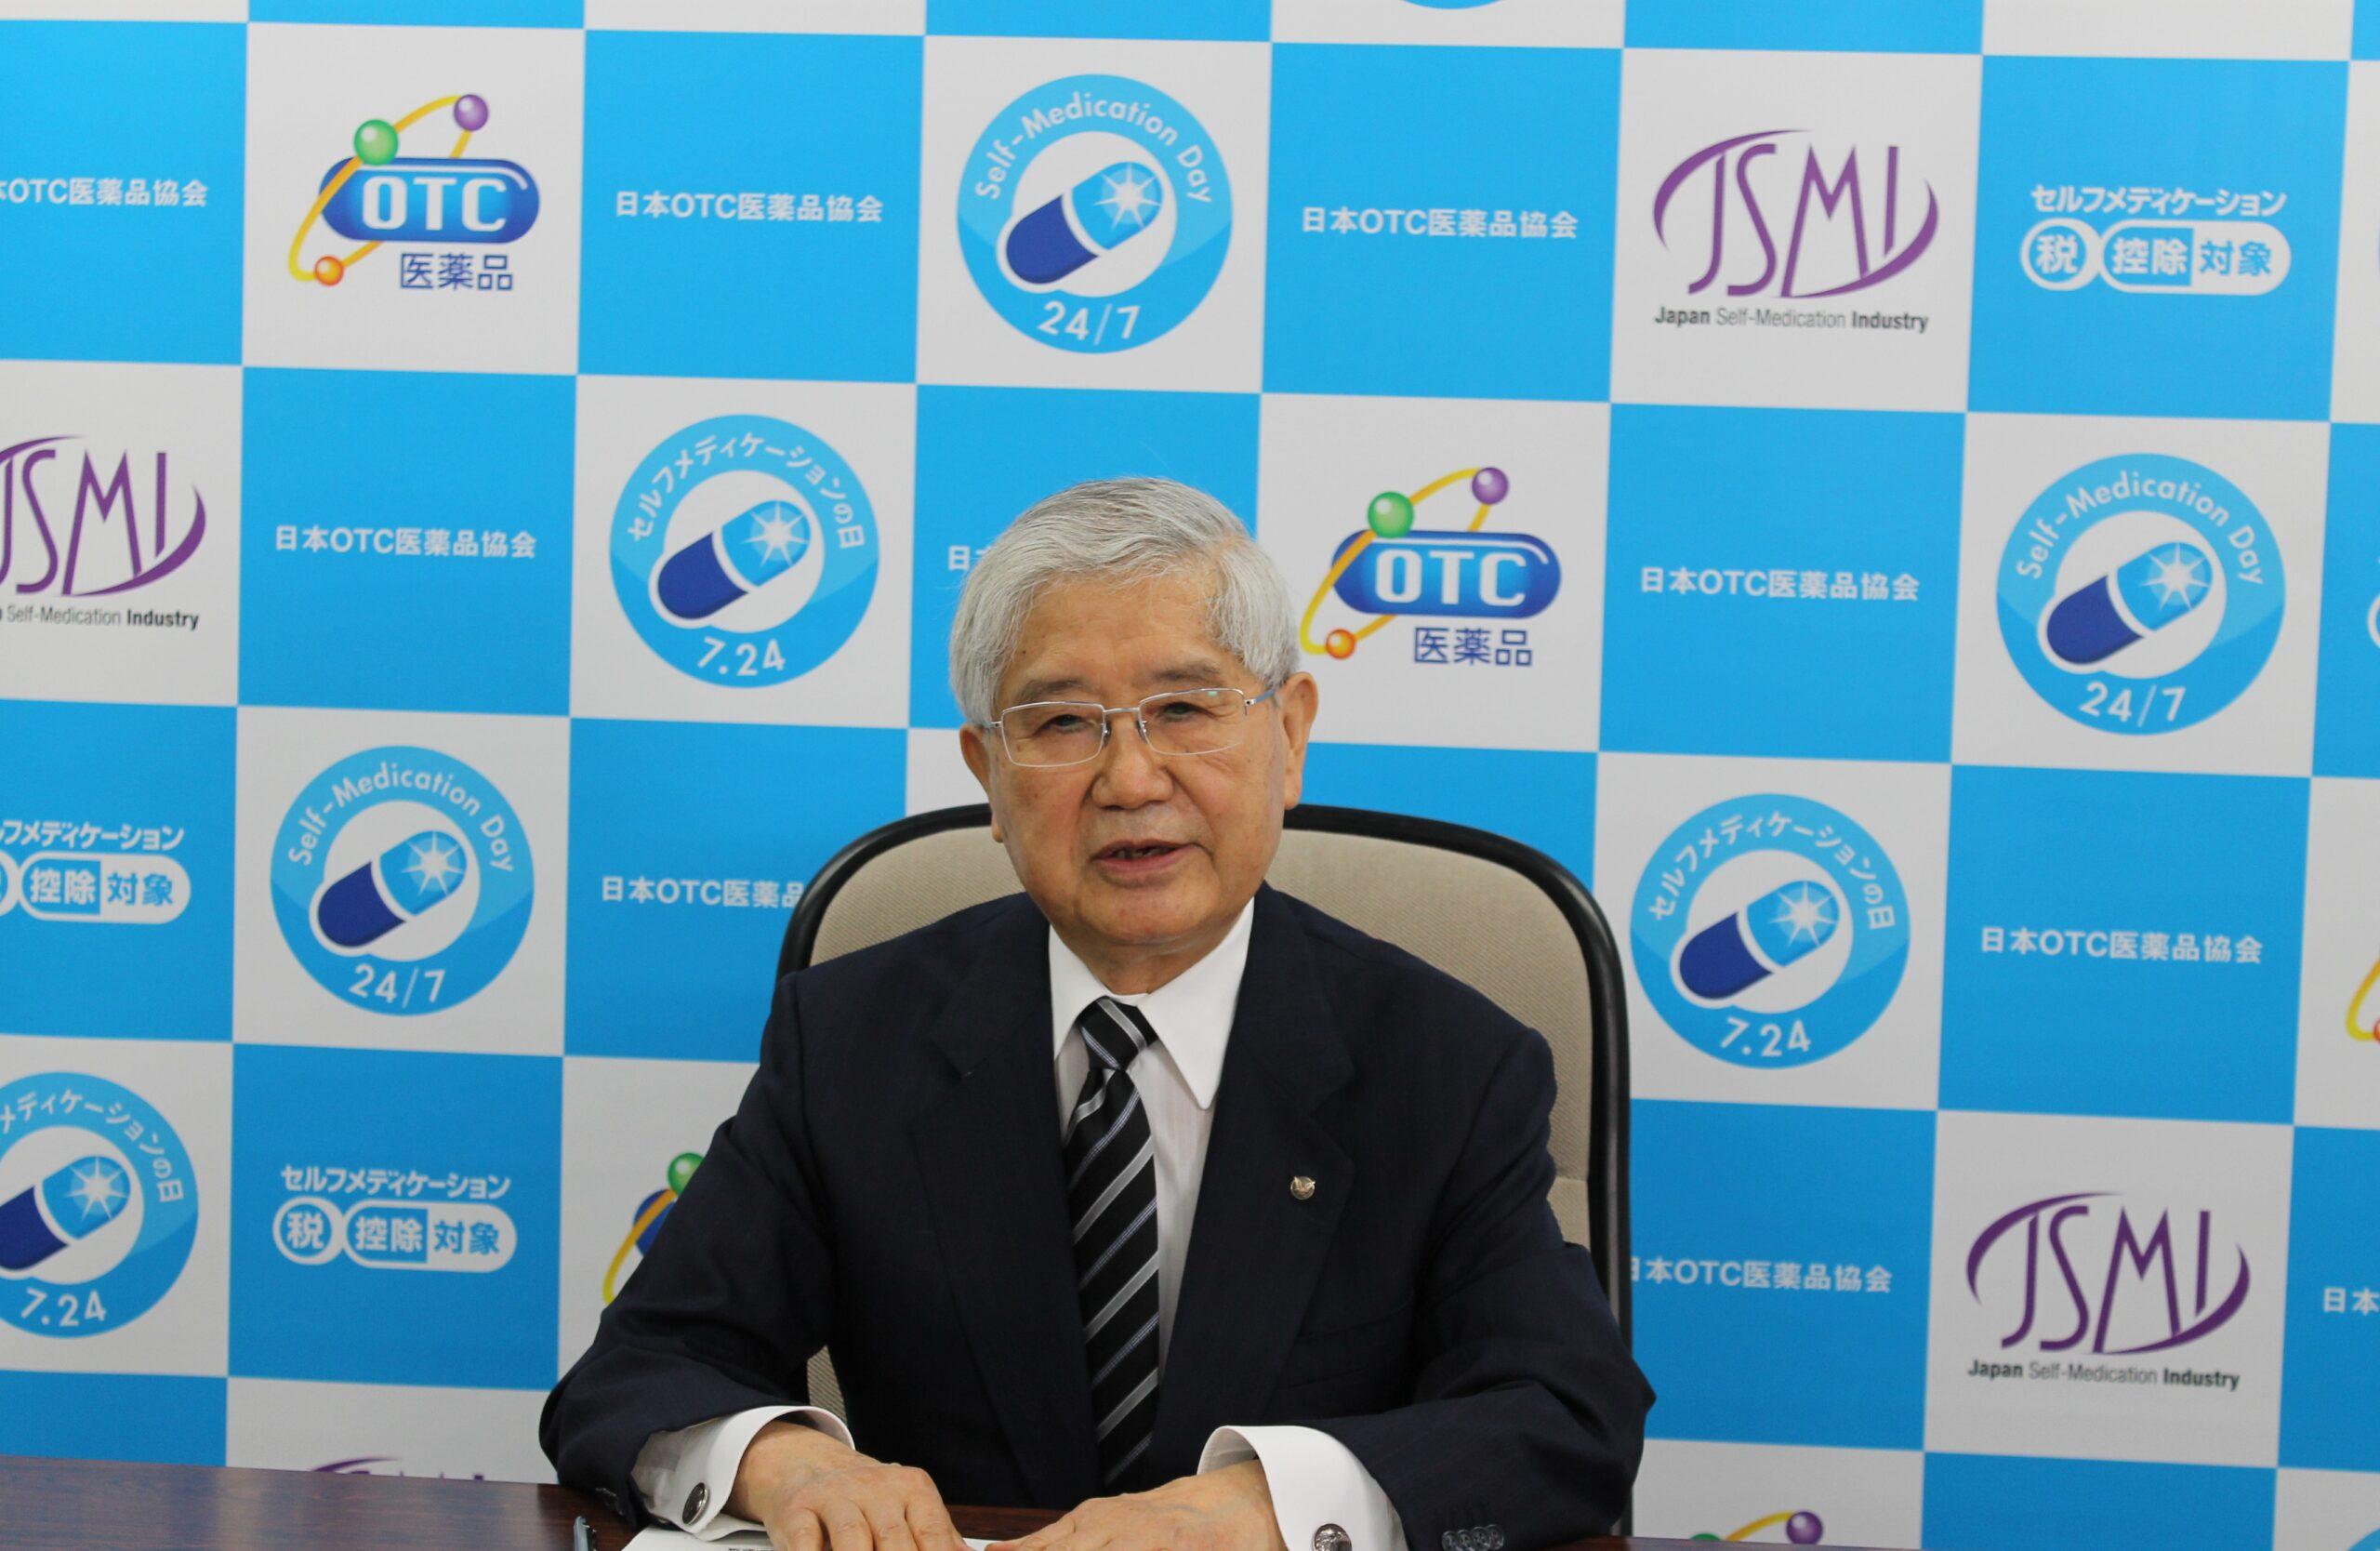 日本OTC医薬品協会:新会長に大正製薬HD社長 上原明氏就任